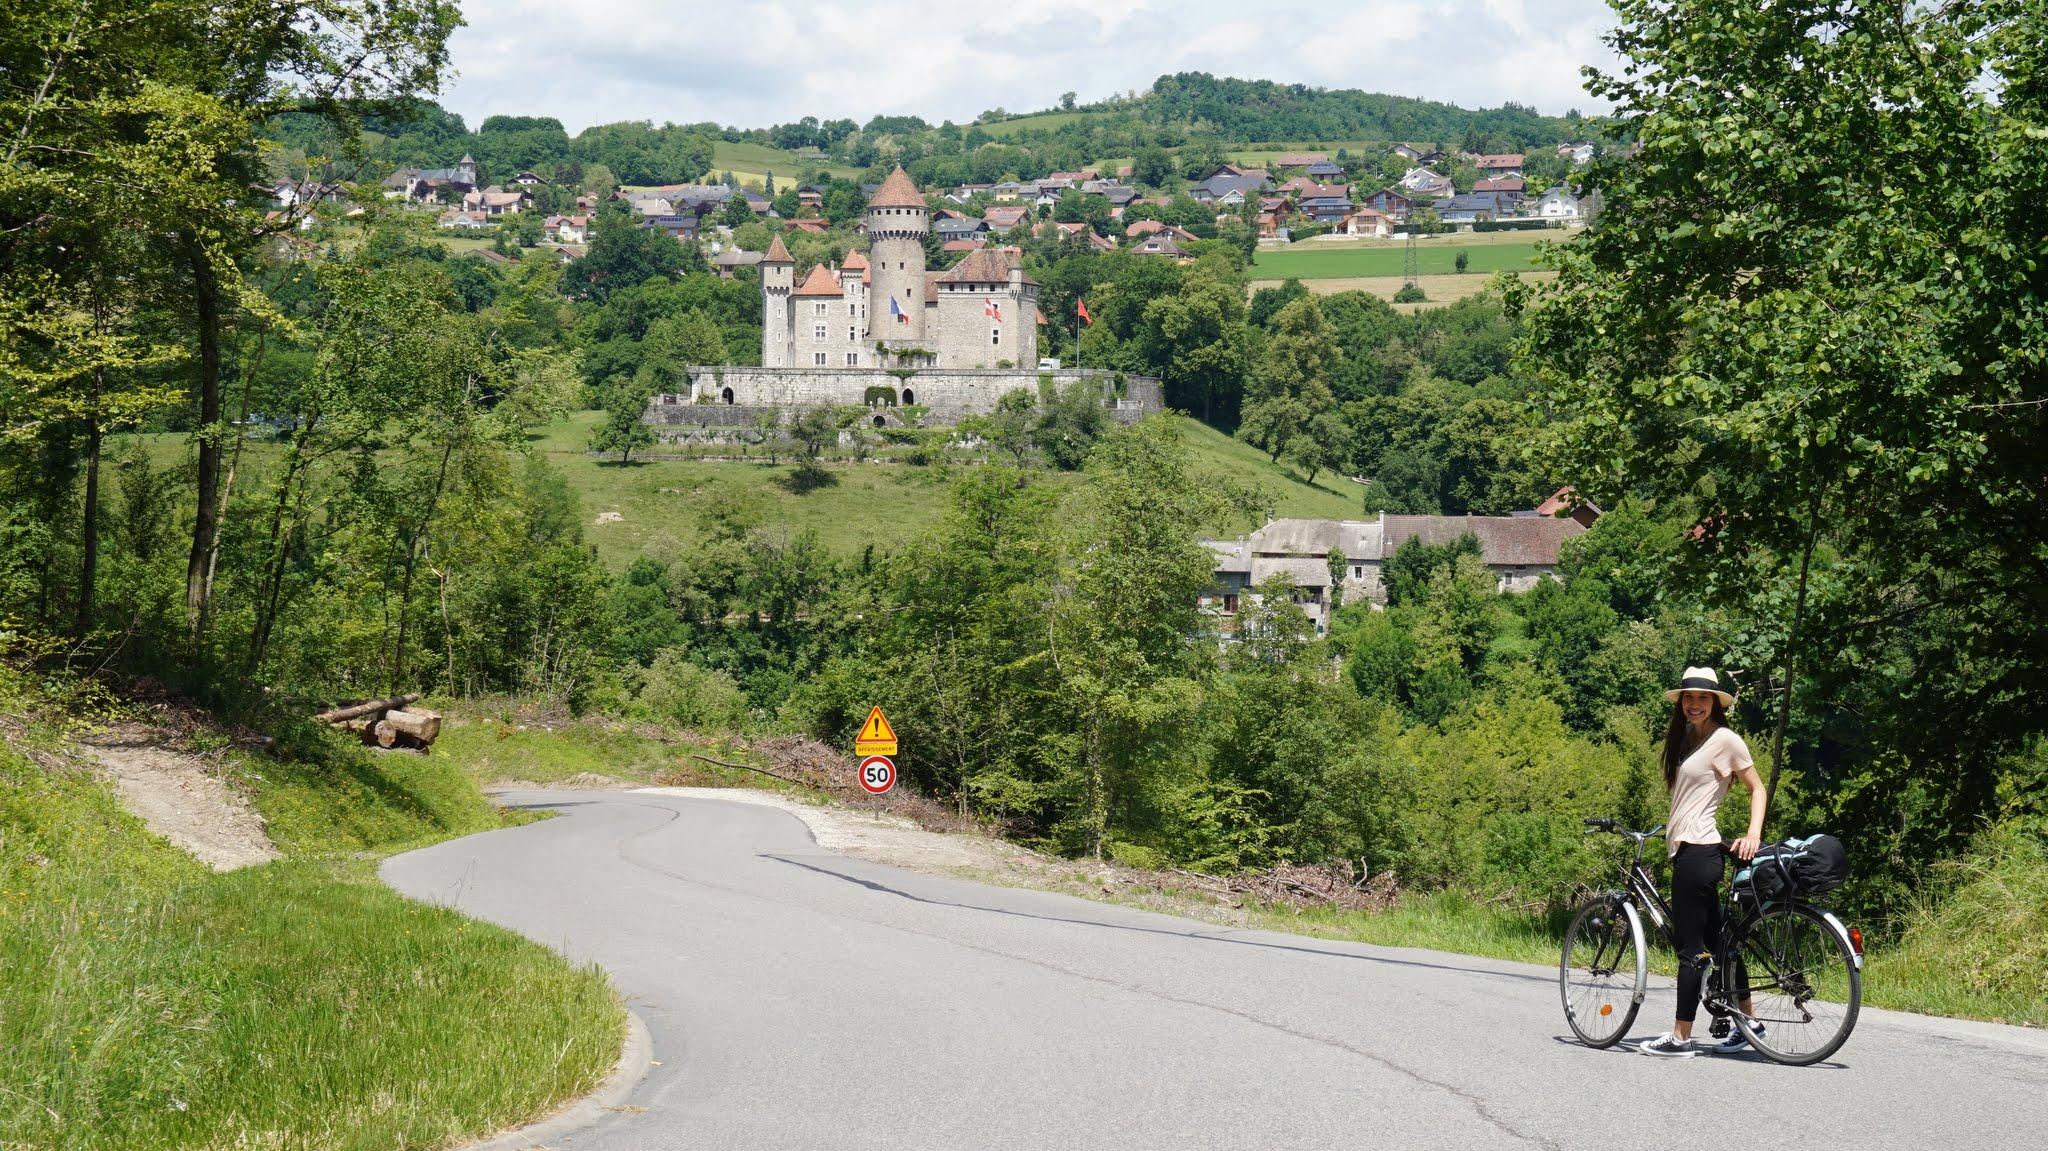 Chateau de Montrottier pe fundal in timp ce coboram spre Gorges de Fier